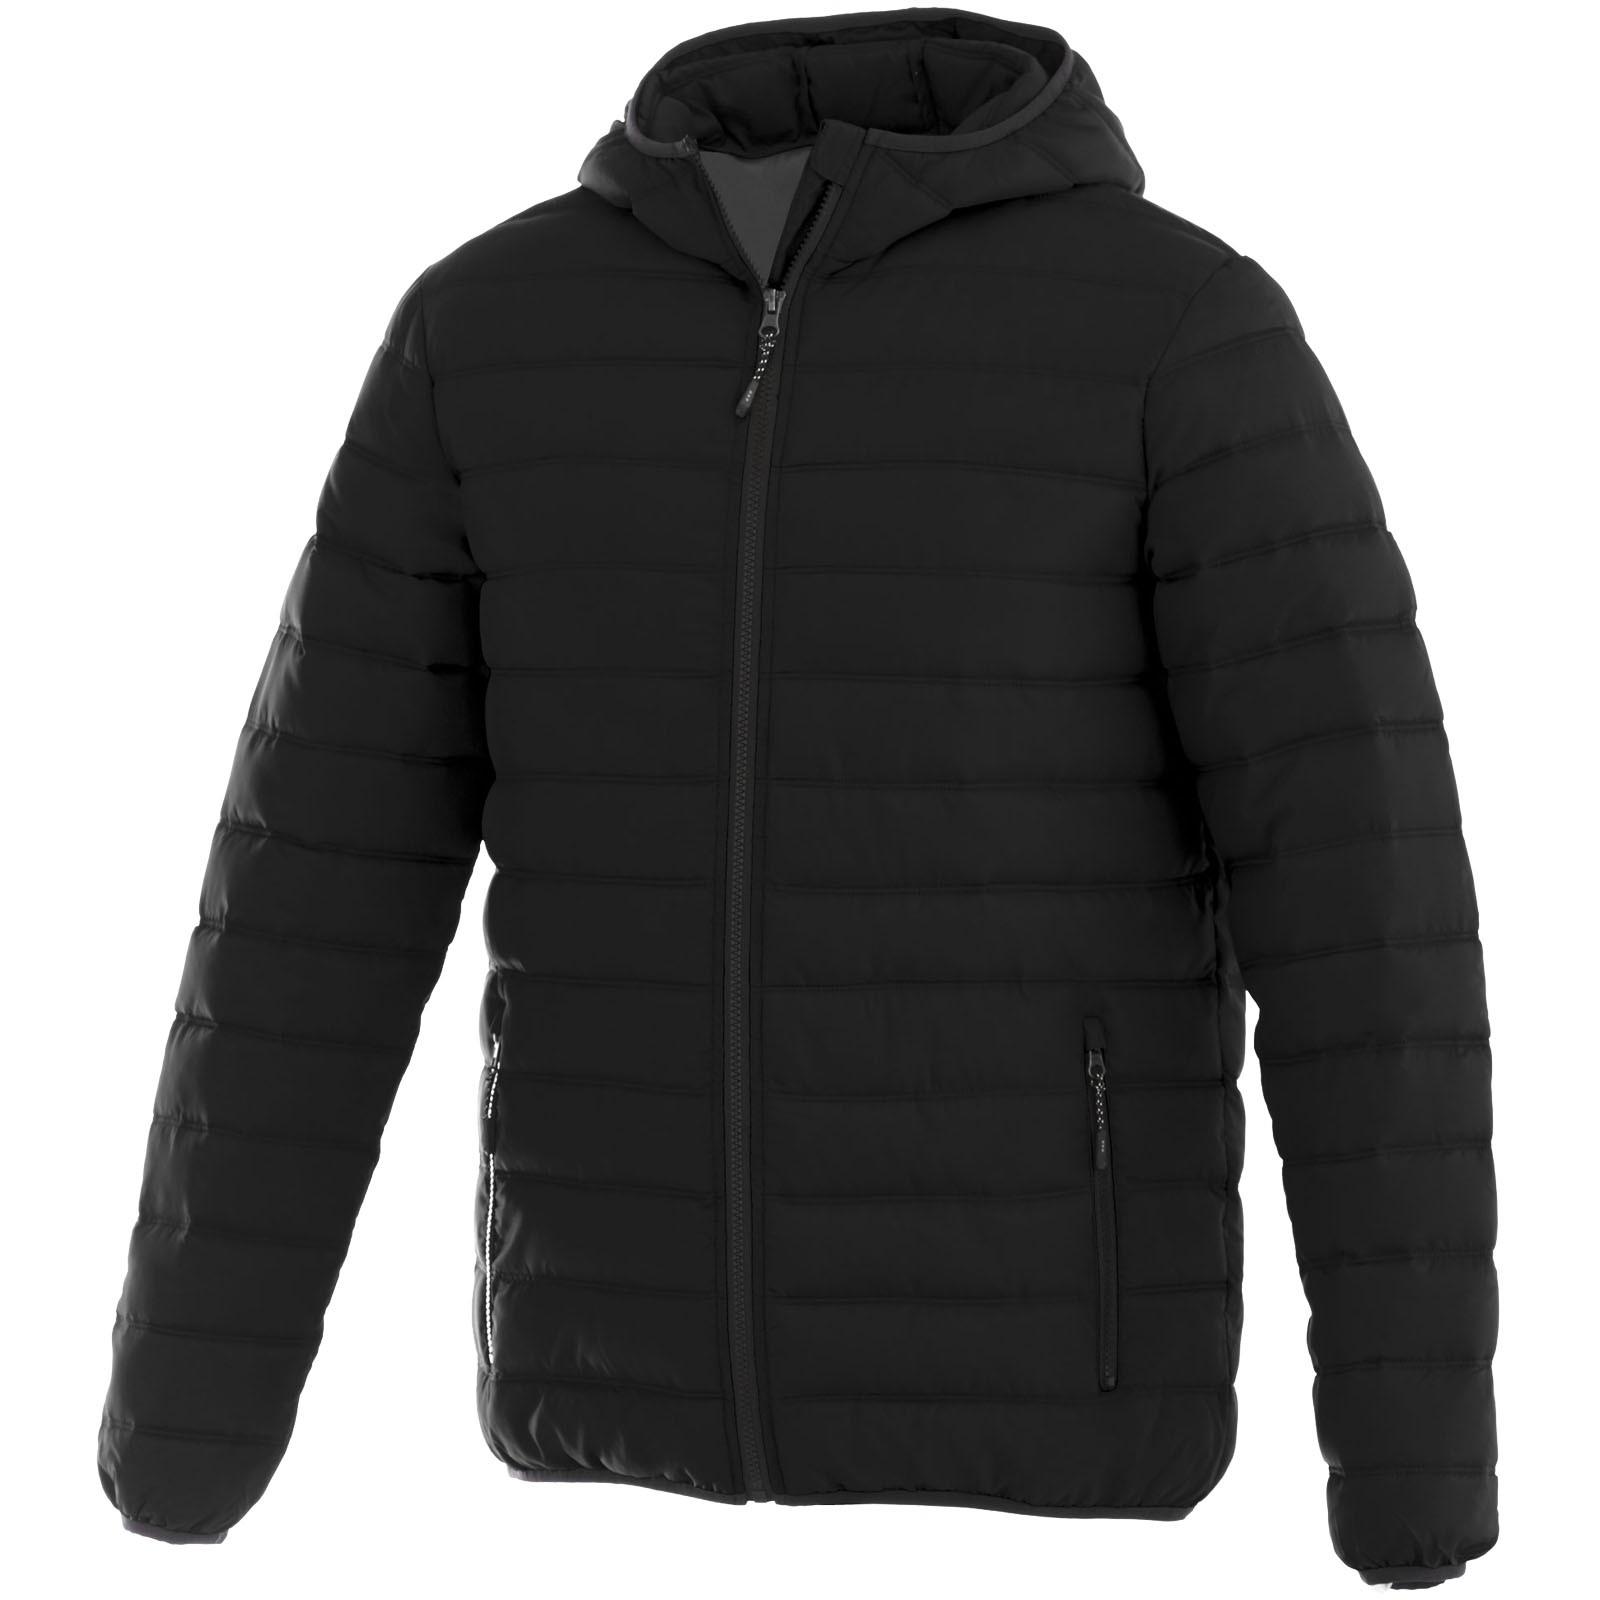 Bunda s kapucí Norquay - Černá / XS